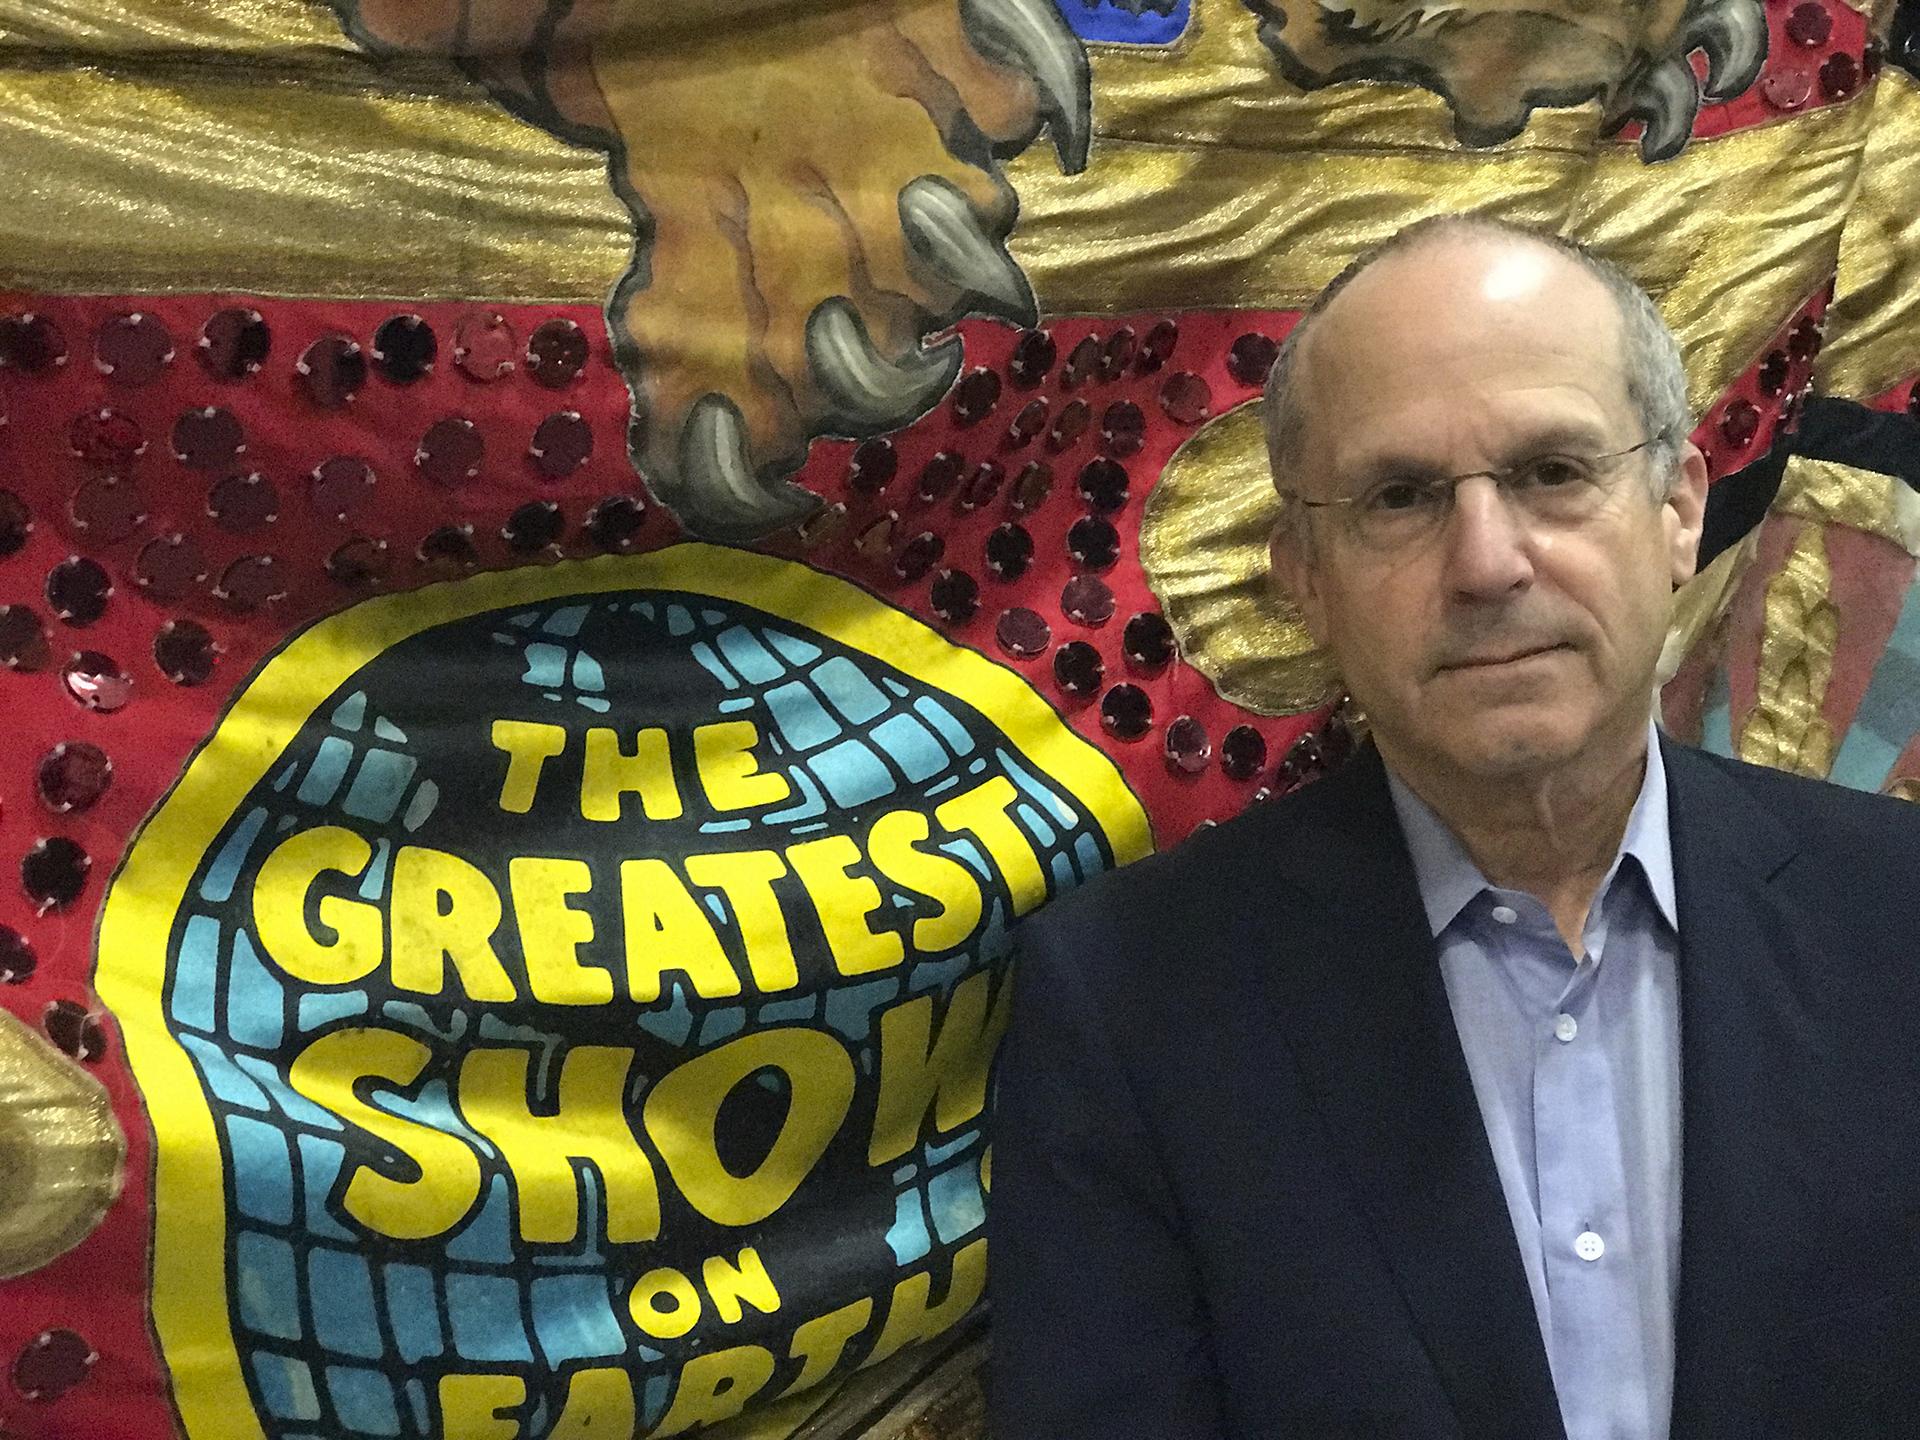 Kenneth Feld, CEO de Feld Entretainment, empresa dueña del circo, en una foto de 2017 cuando se anunció el cierre definitivo. Los Feld compraron el circo en 1967 (AP)